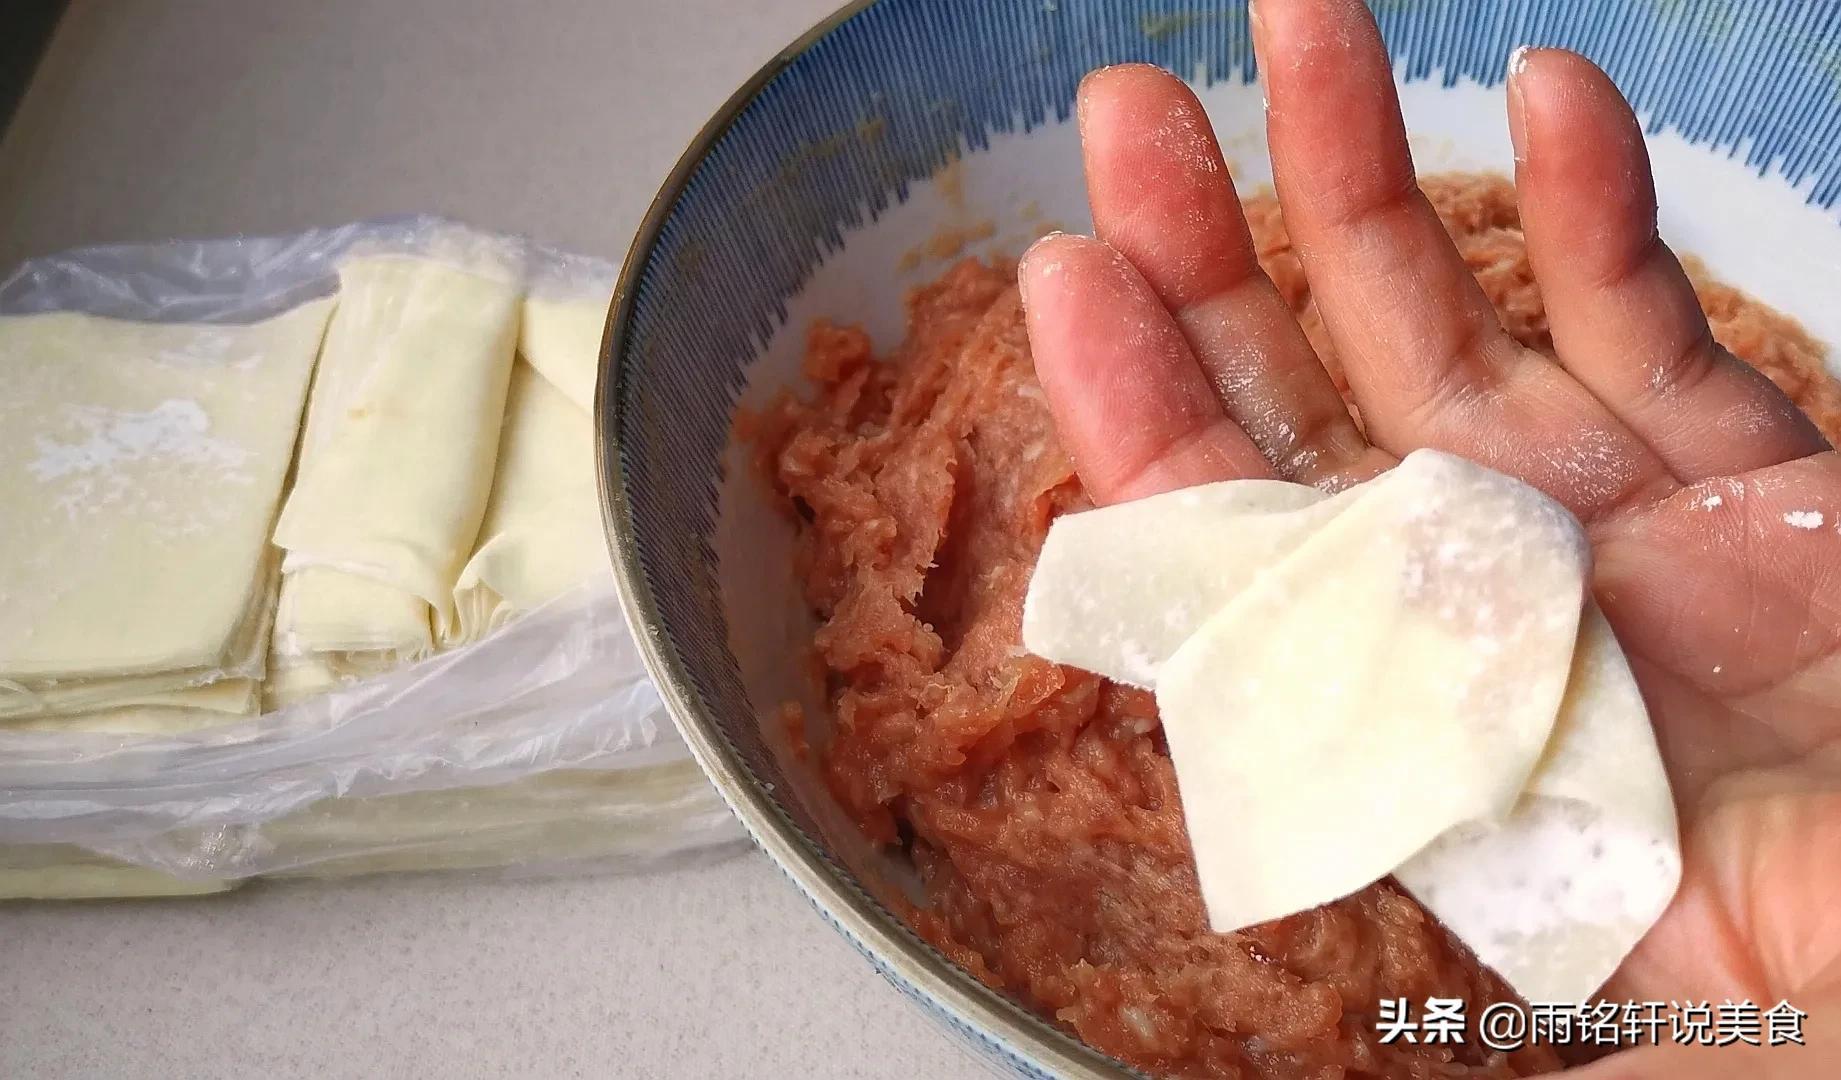 福建千里香餛飩秘製做法,詳細做法告訴你,湯鮮肉嫩,天天吃不膩